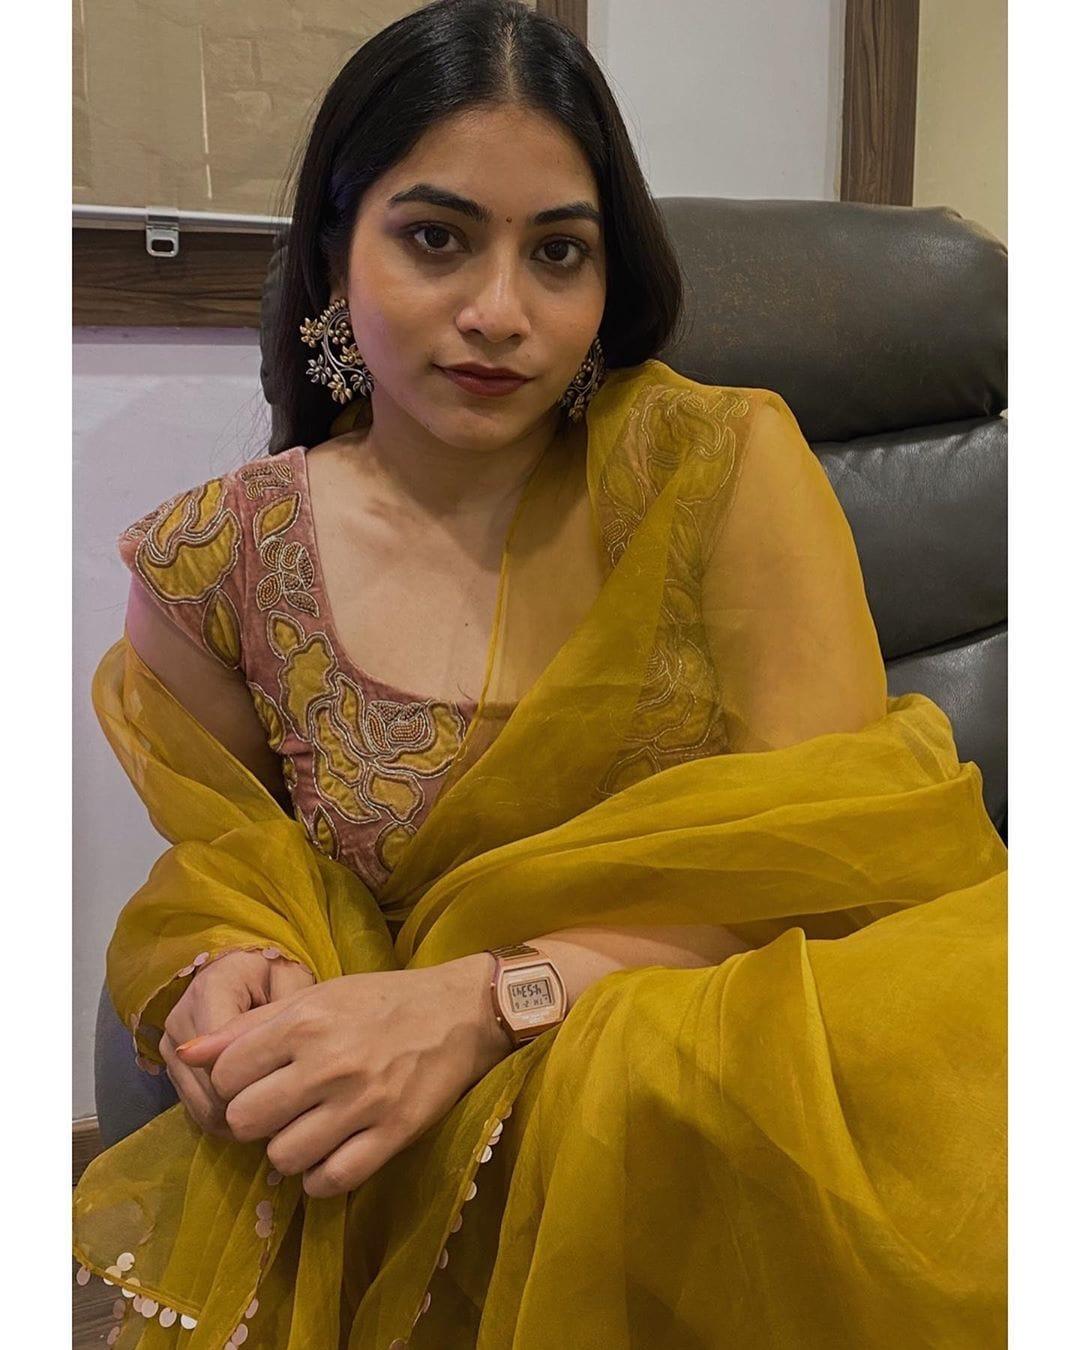 పునర్నవి... అదిరిన లేటెస్ట్ పిక్స్.. Photo: Instagram/punarnavib